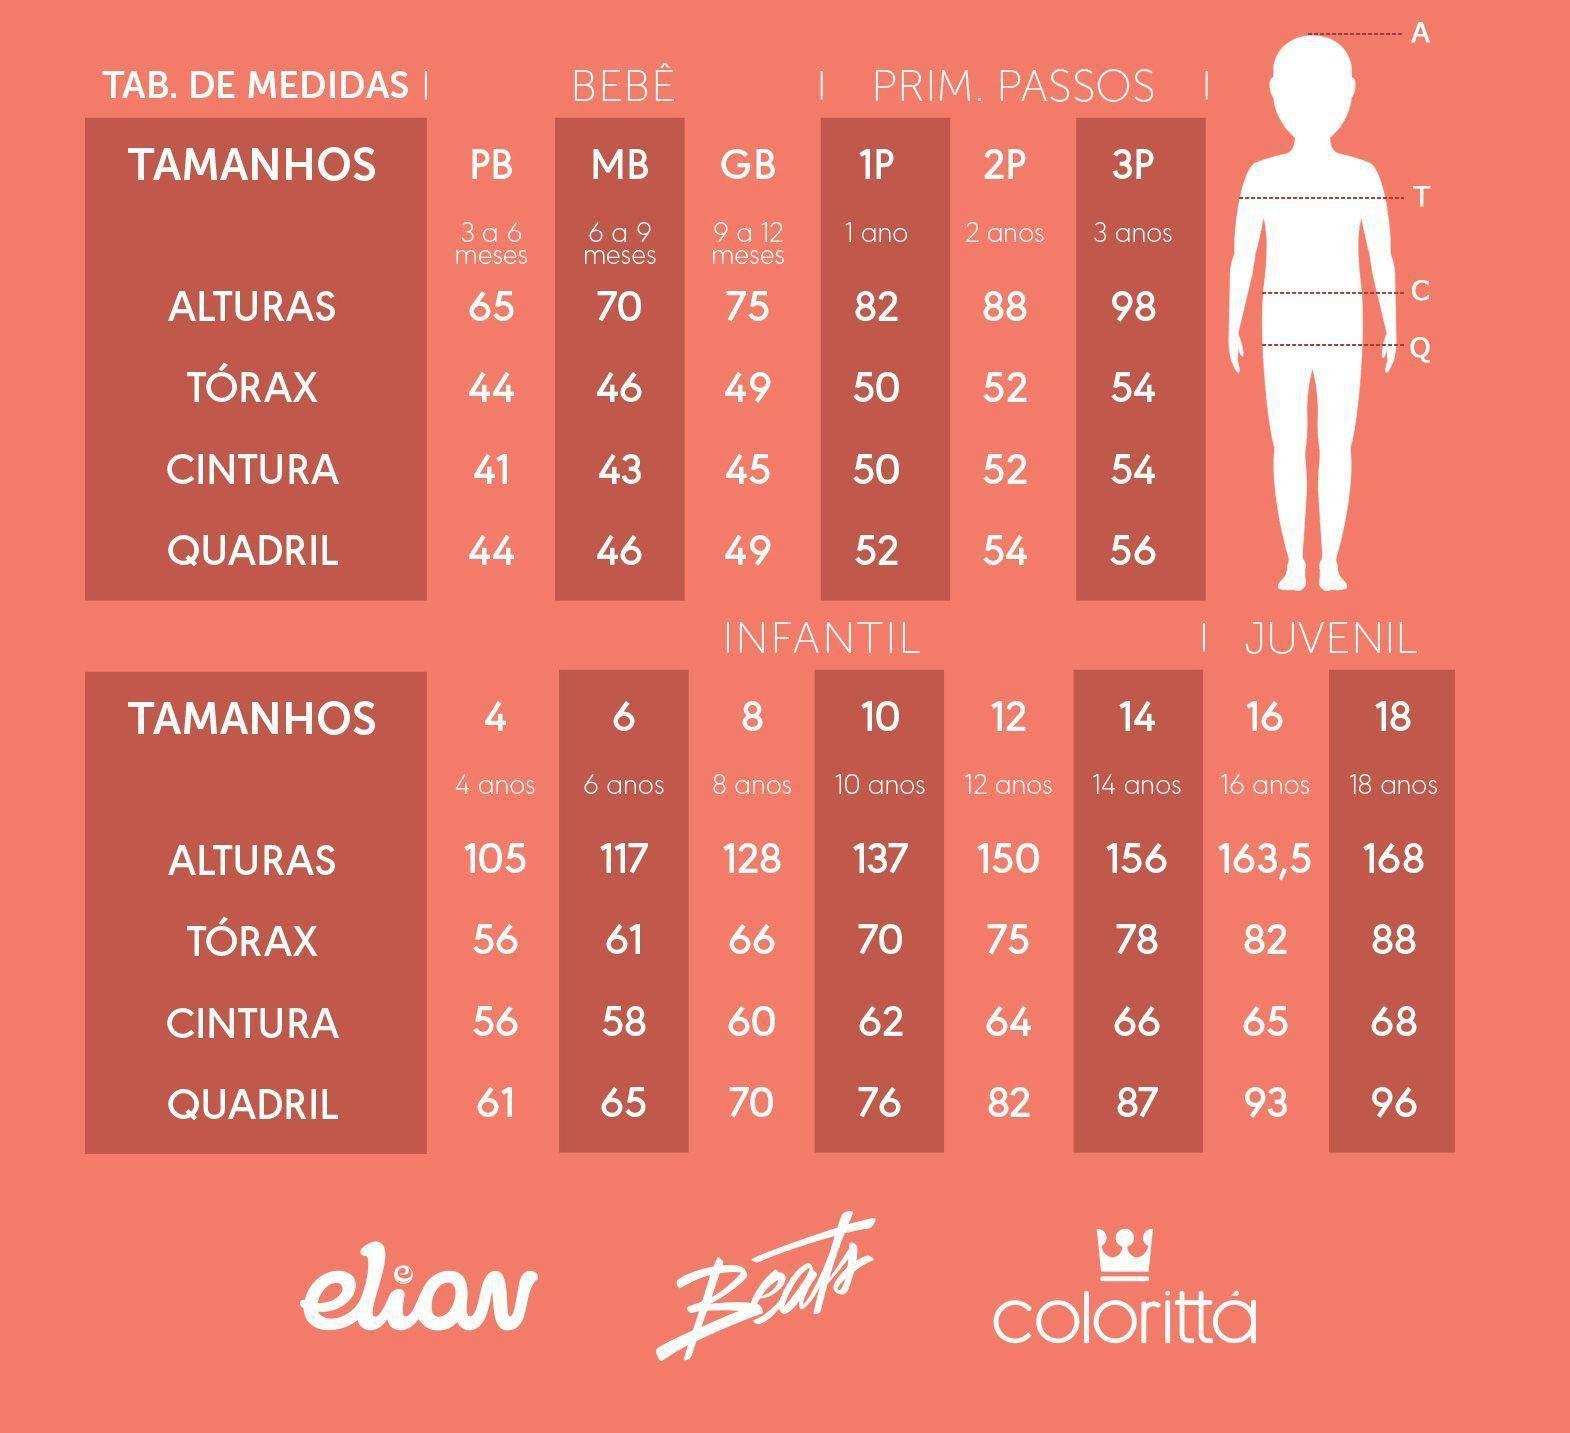 Camiseta Infantil Masculina Inverno Cinza Mescla Escuro Elian: Tabela de medidas